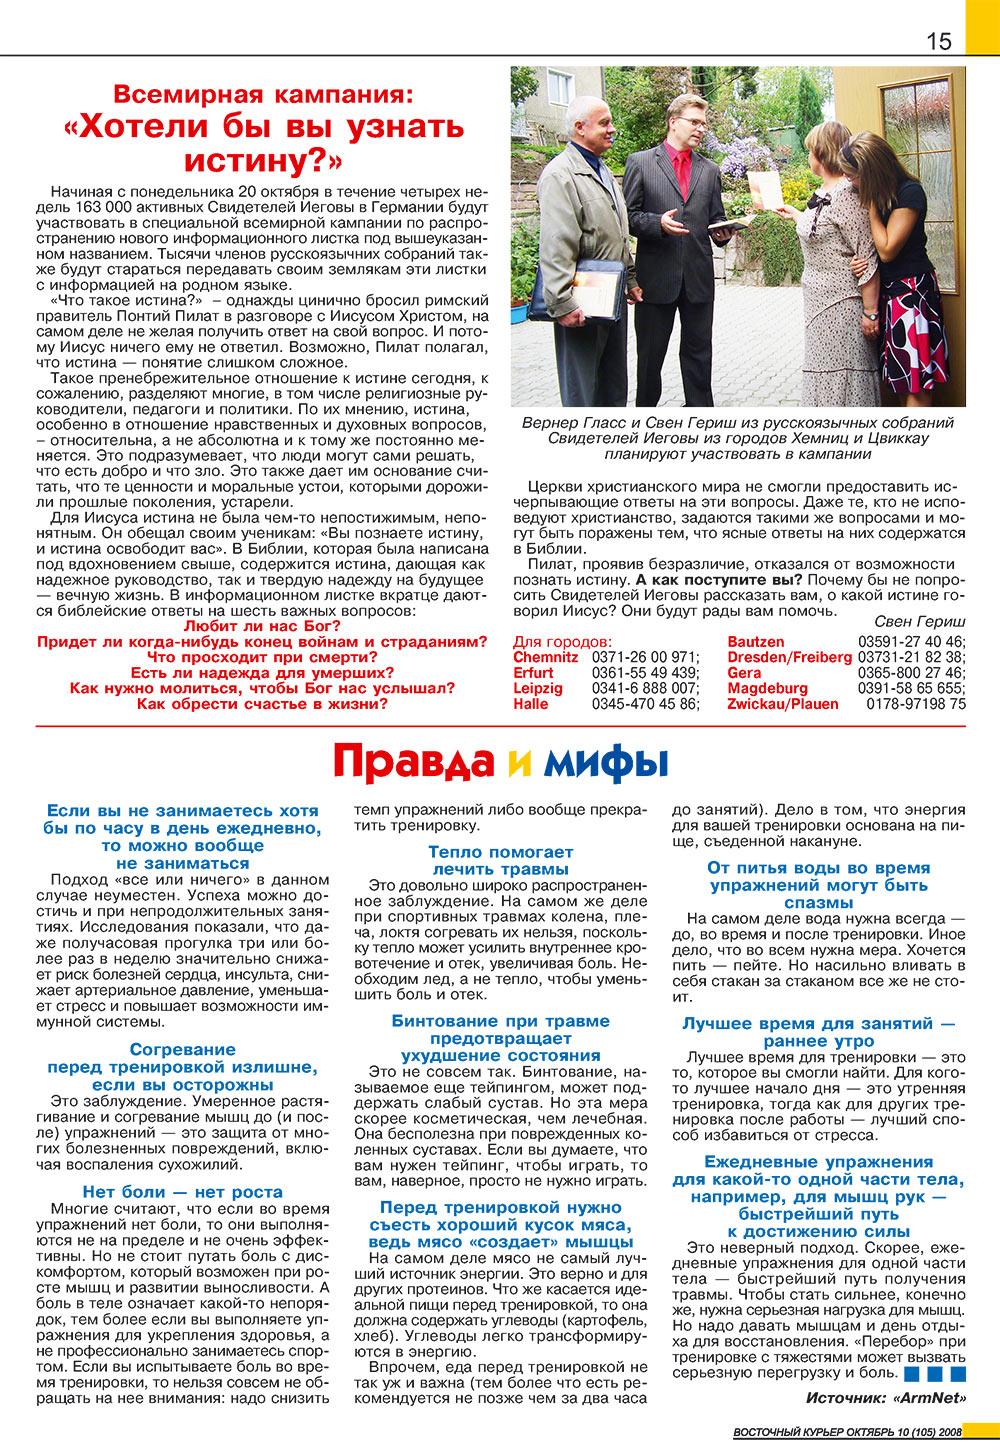 Восточный курьер (журнал). 2008 год, номер 10, стр. 15